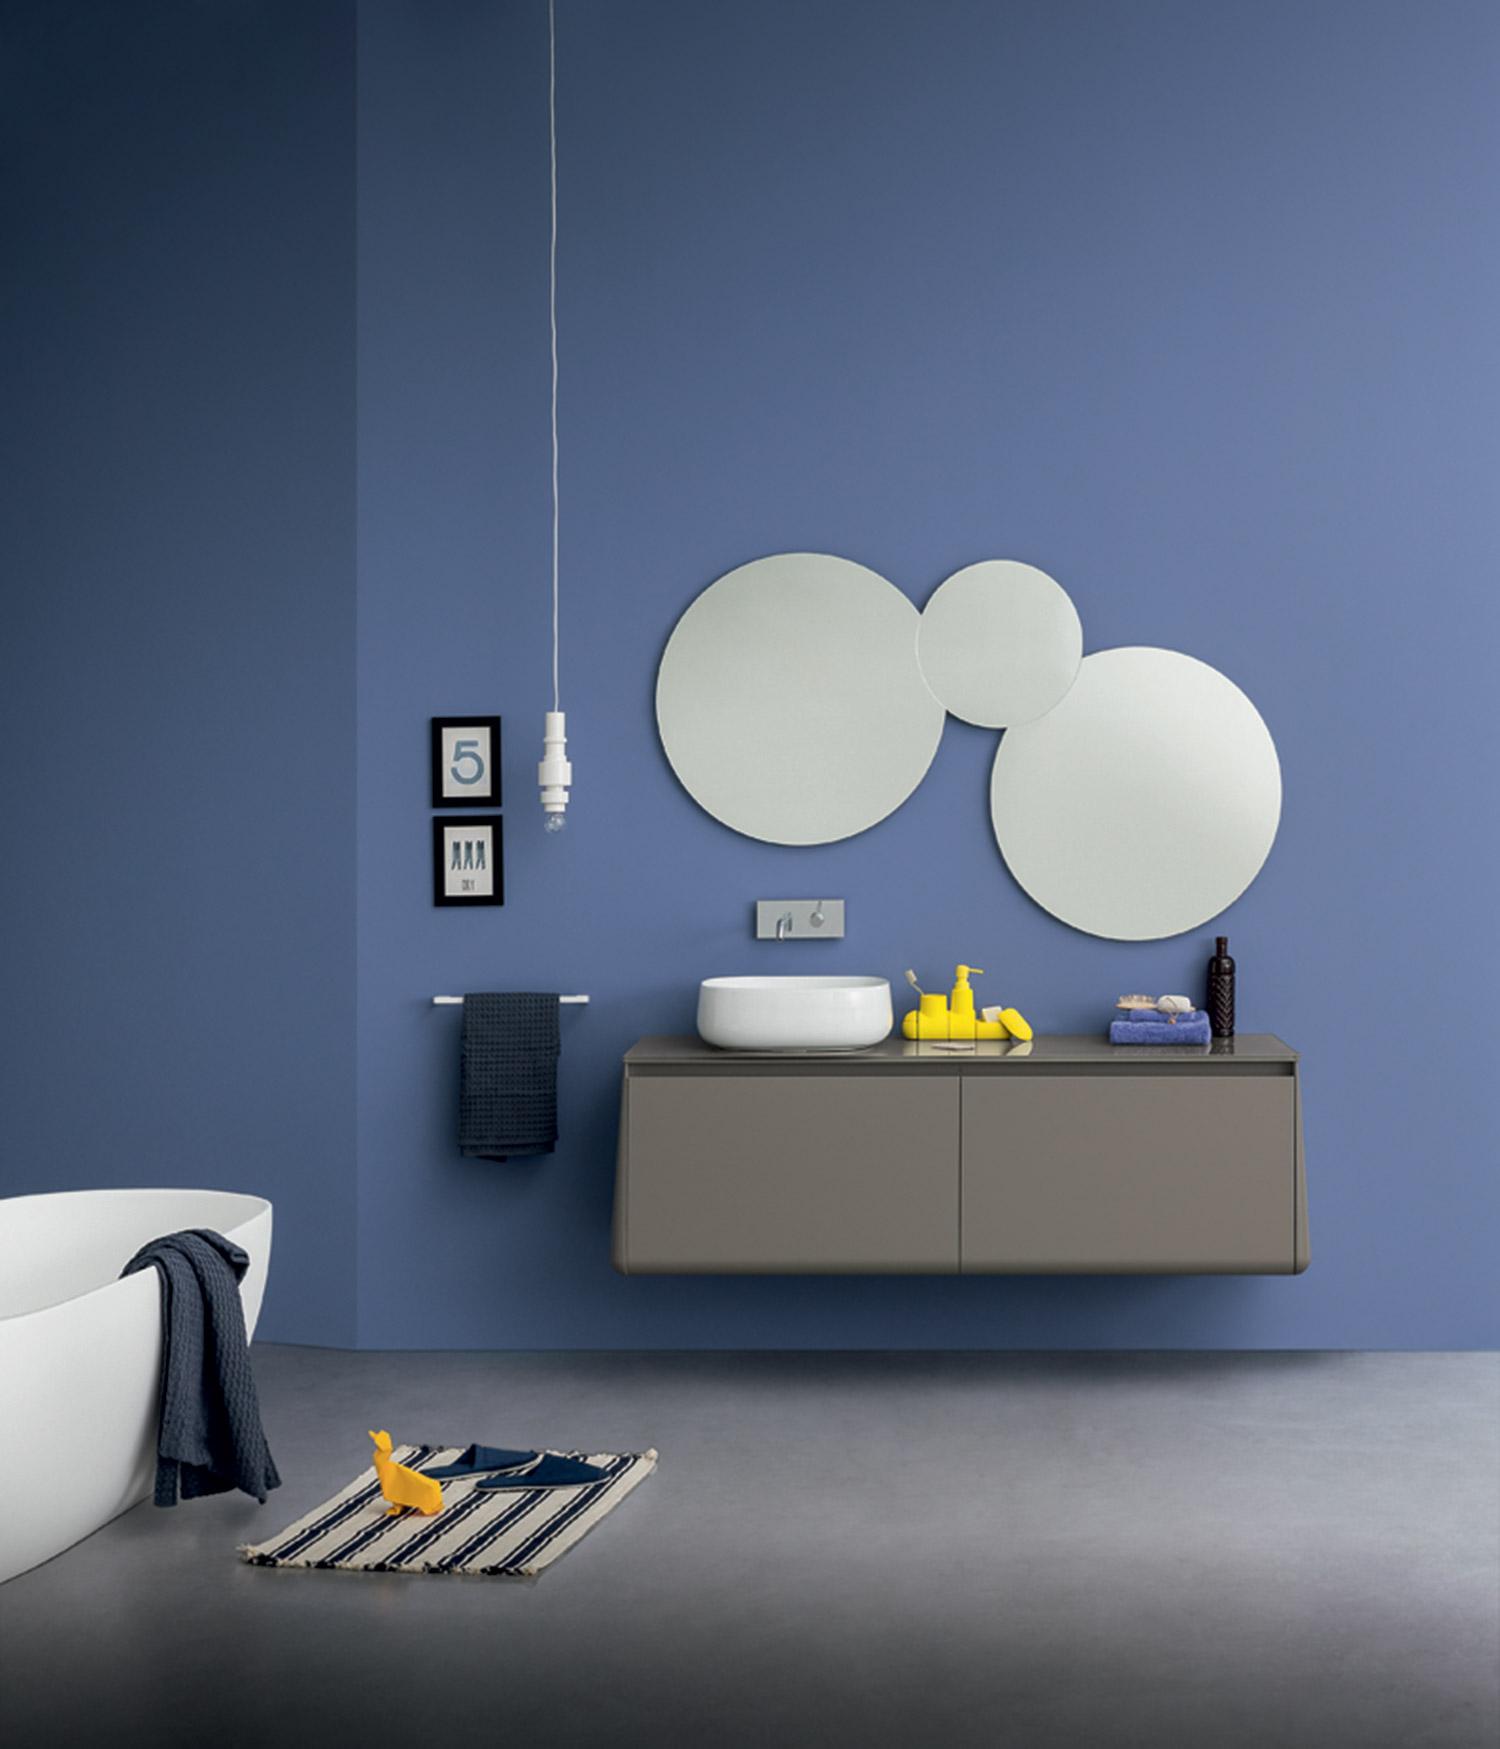 Le idee bagno di birex dal bagno alla lavanderia 1000 for Specchio tondo bagno